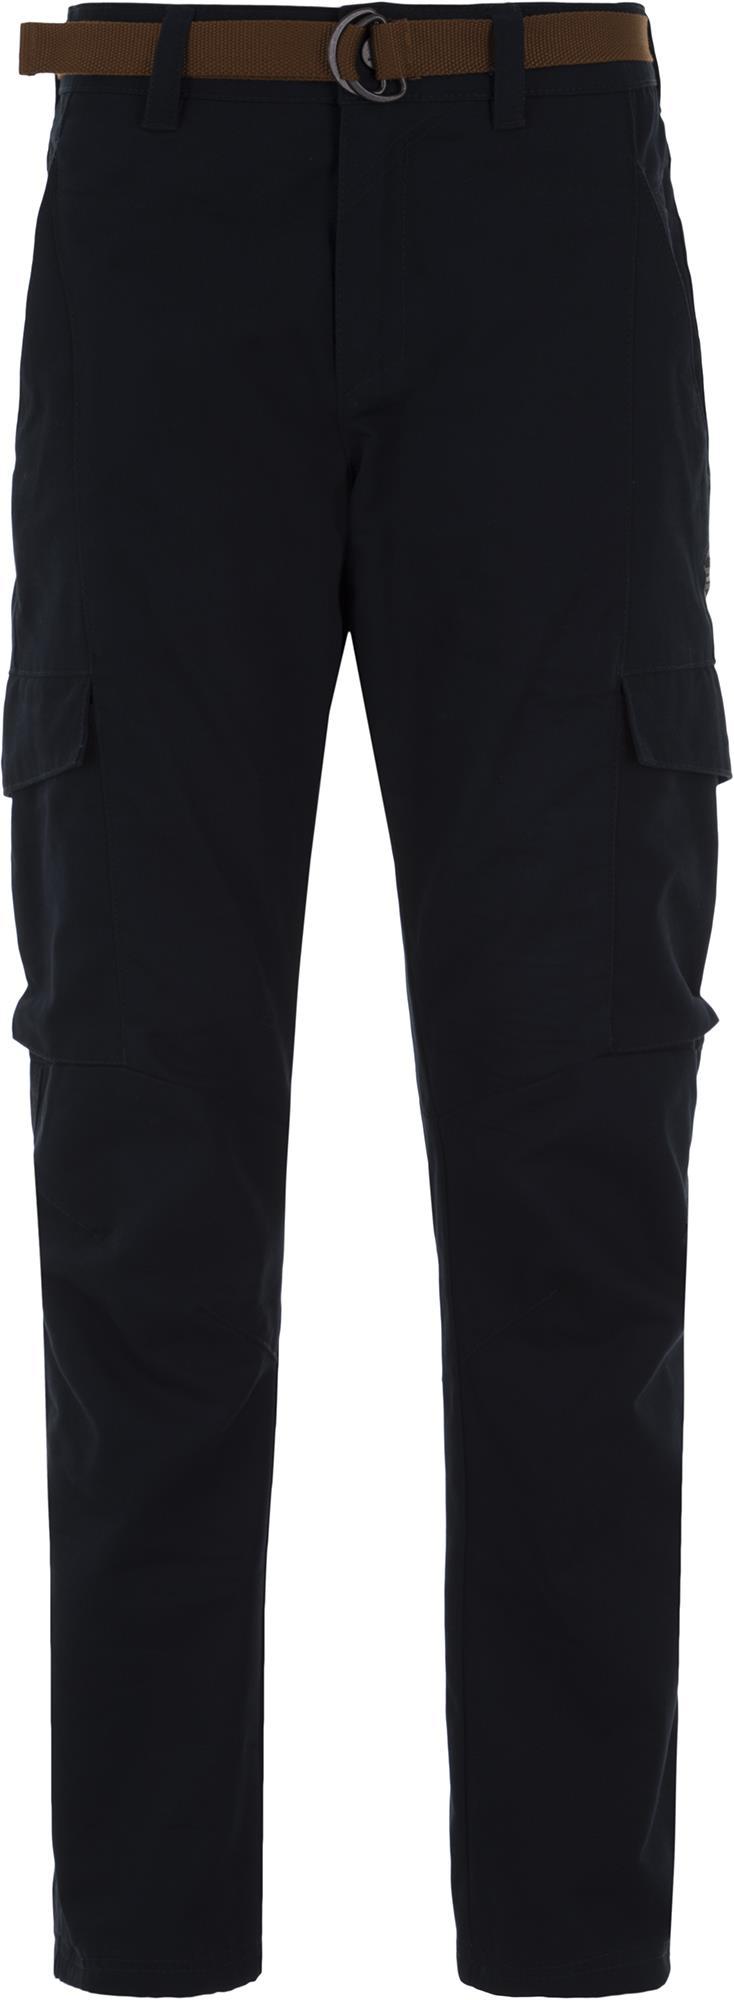 Брюки утепленные Merrell Men's Pants брюки мужские merrell men s pants цвет темно синий s19amrpam04 z4 размер 46 32